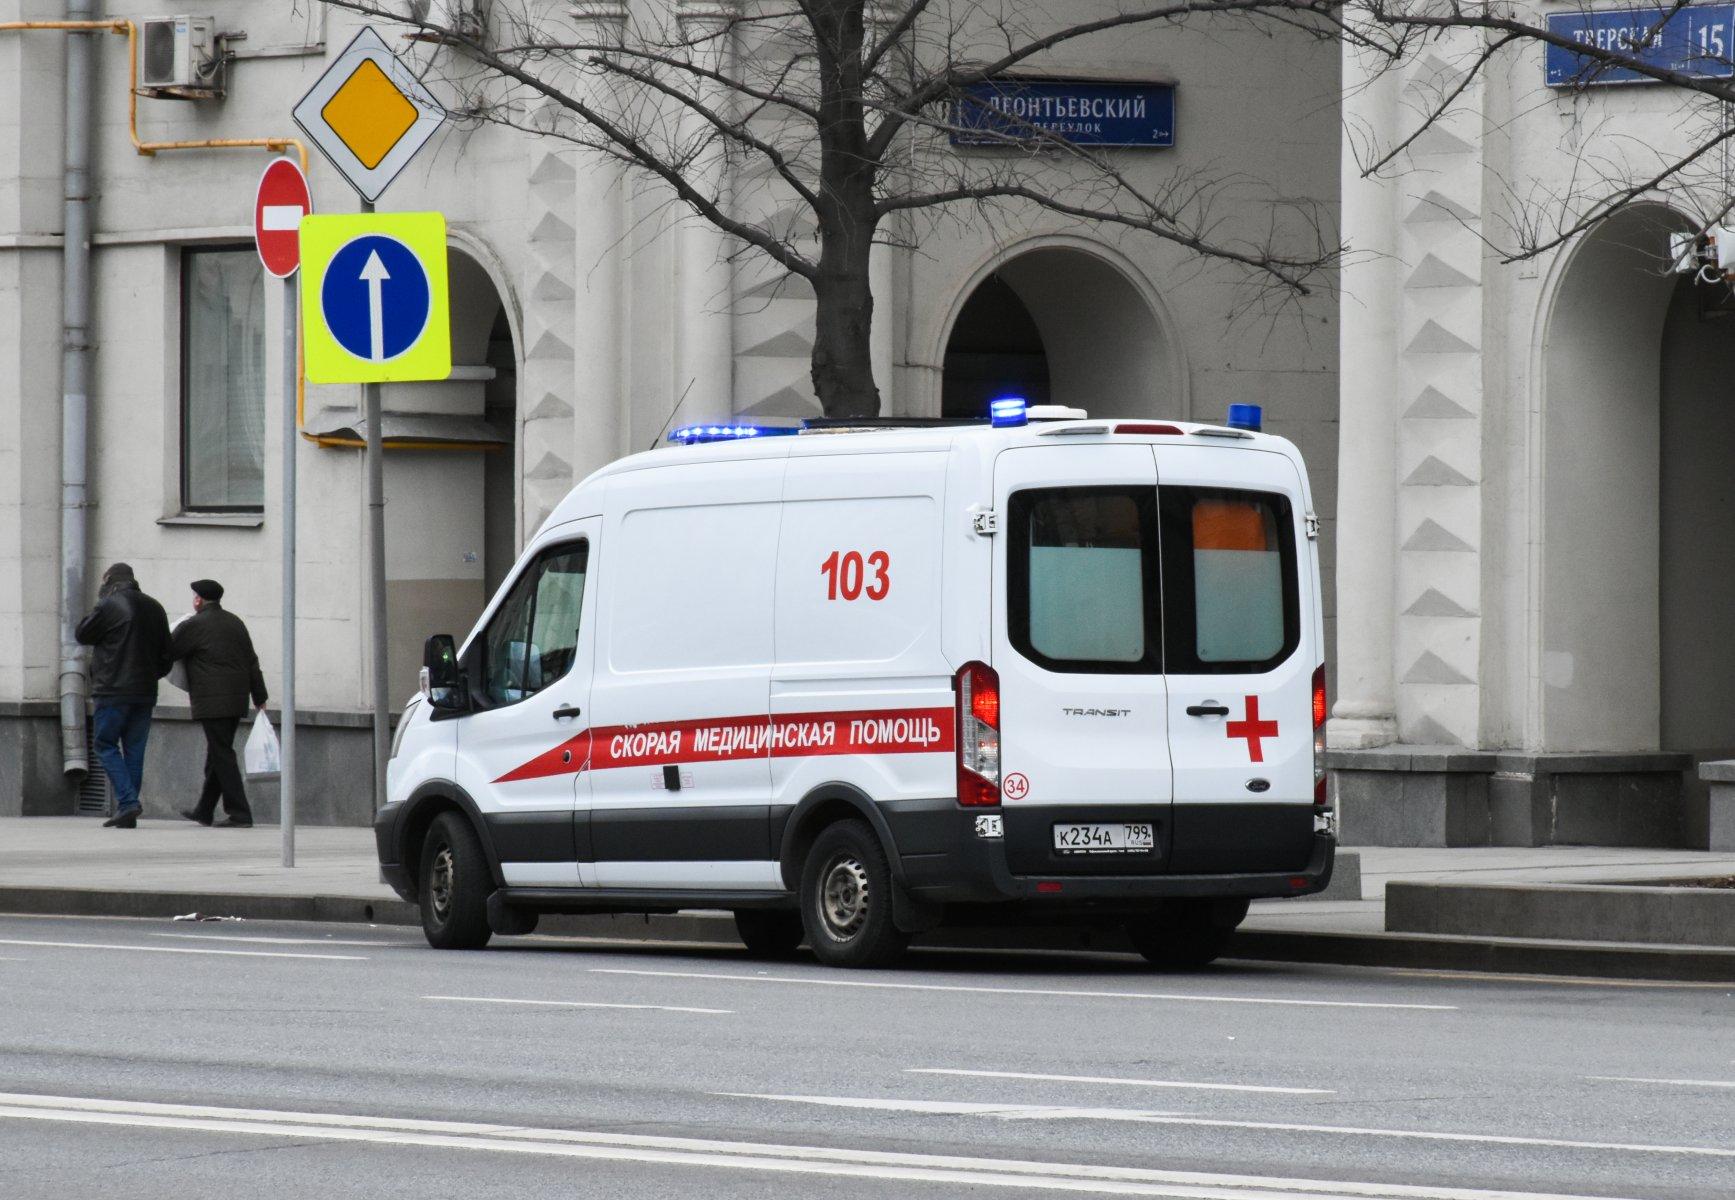 В Московской области мужчина зарезал отца, вызвал полицию, а затем выпрыгнул из окна